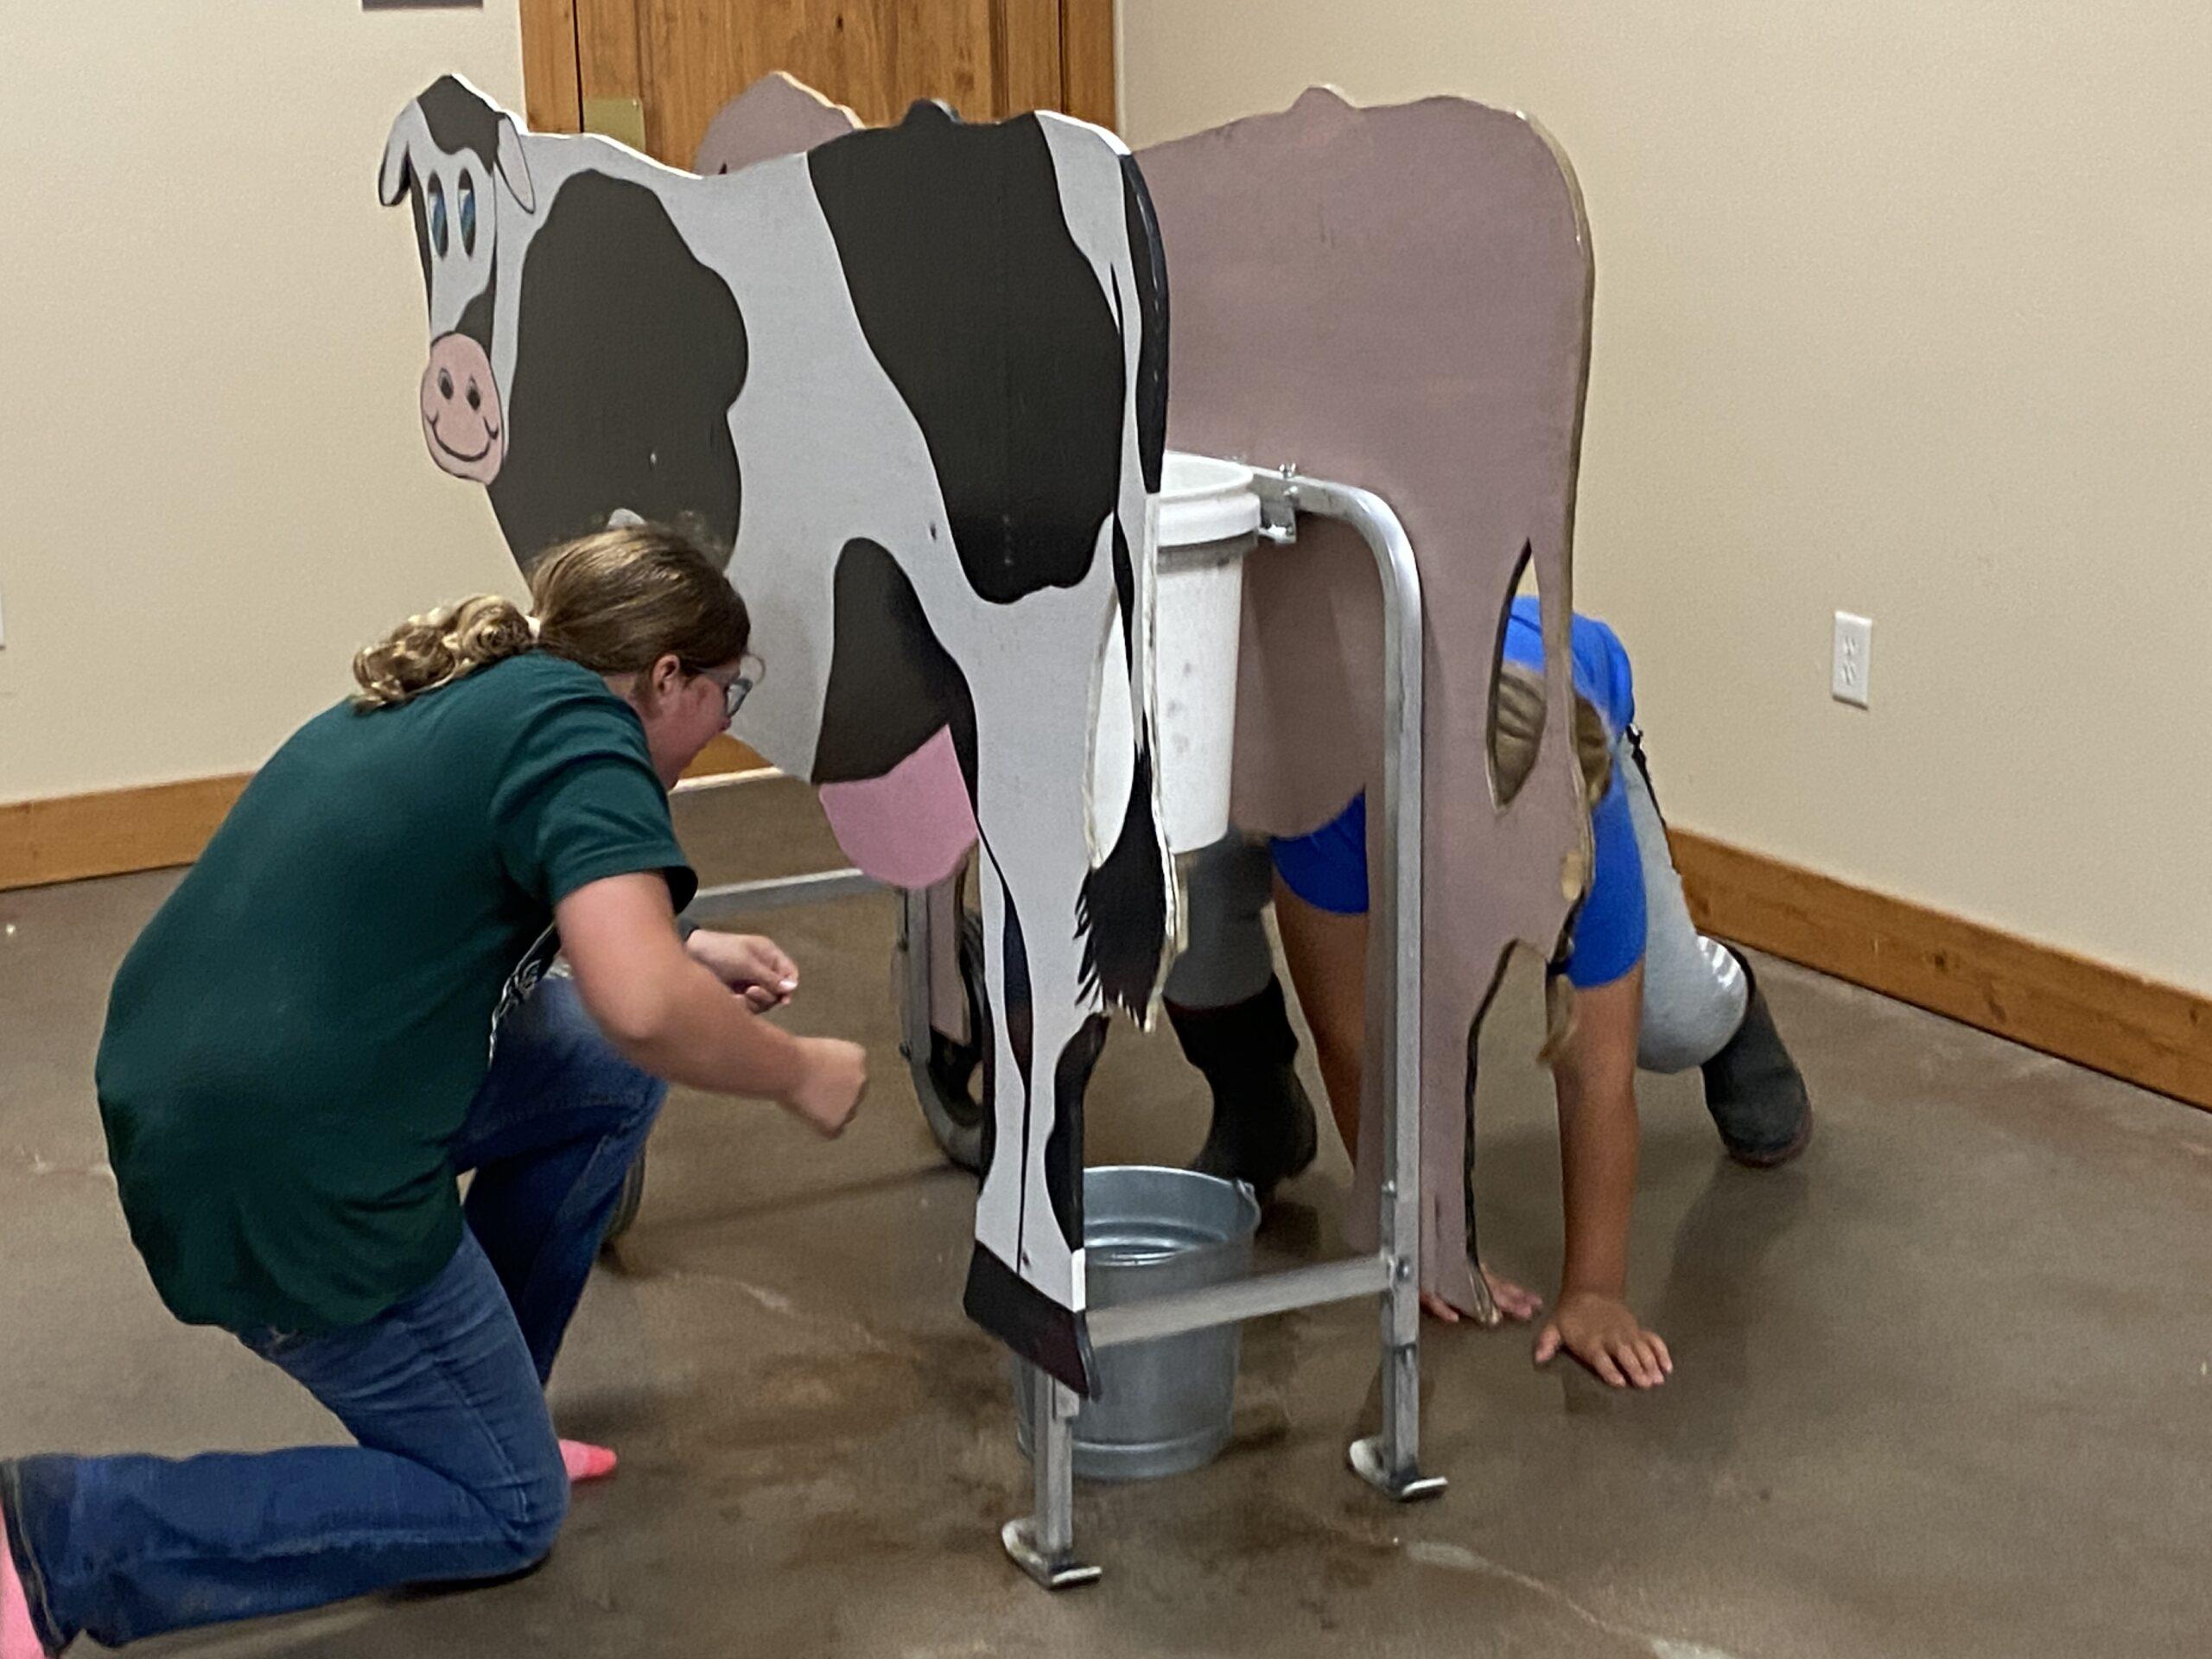 Kids milking a model cow